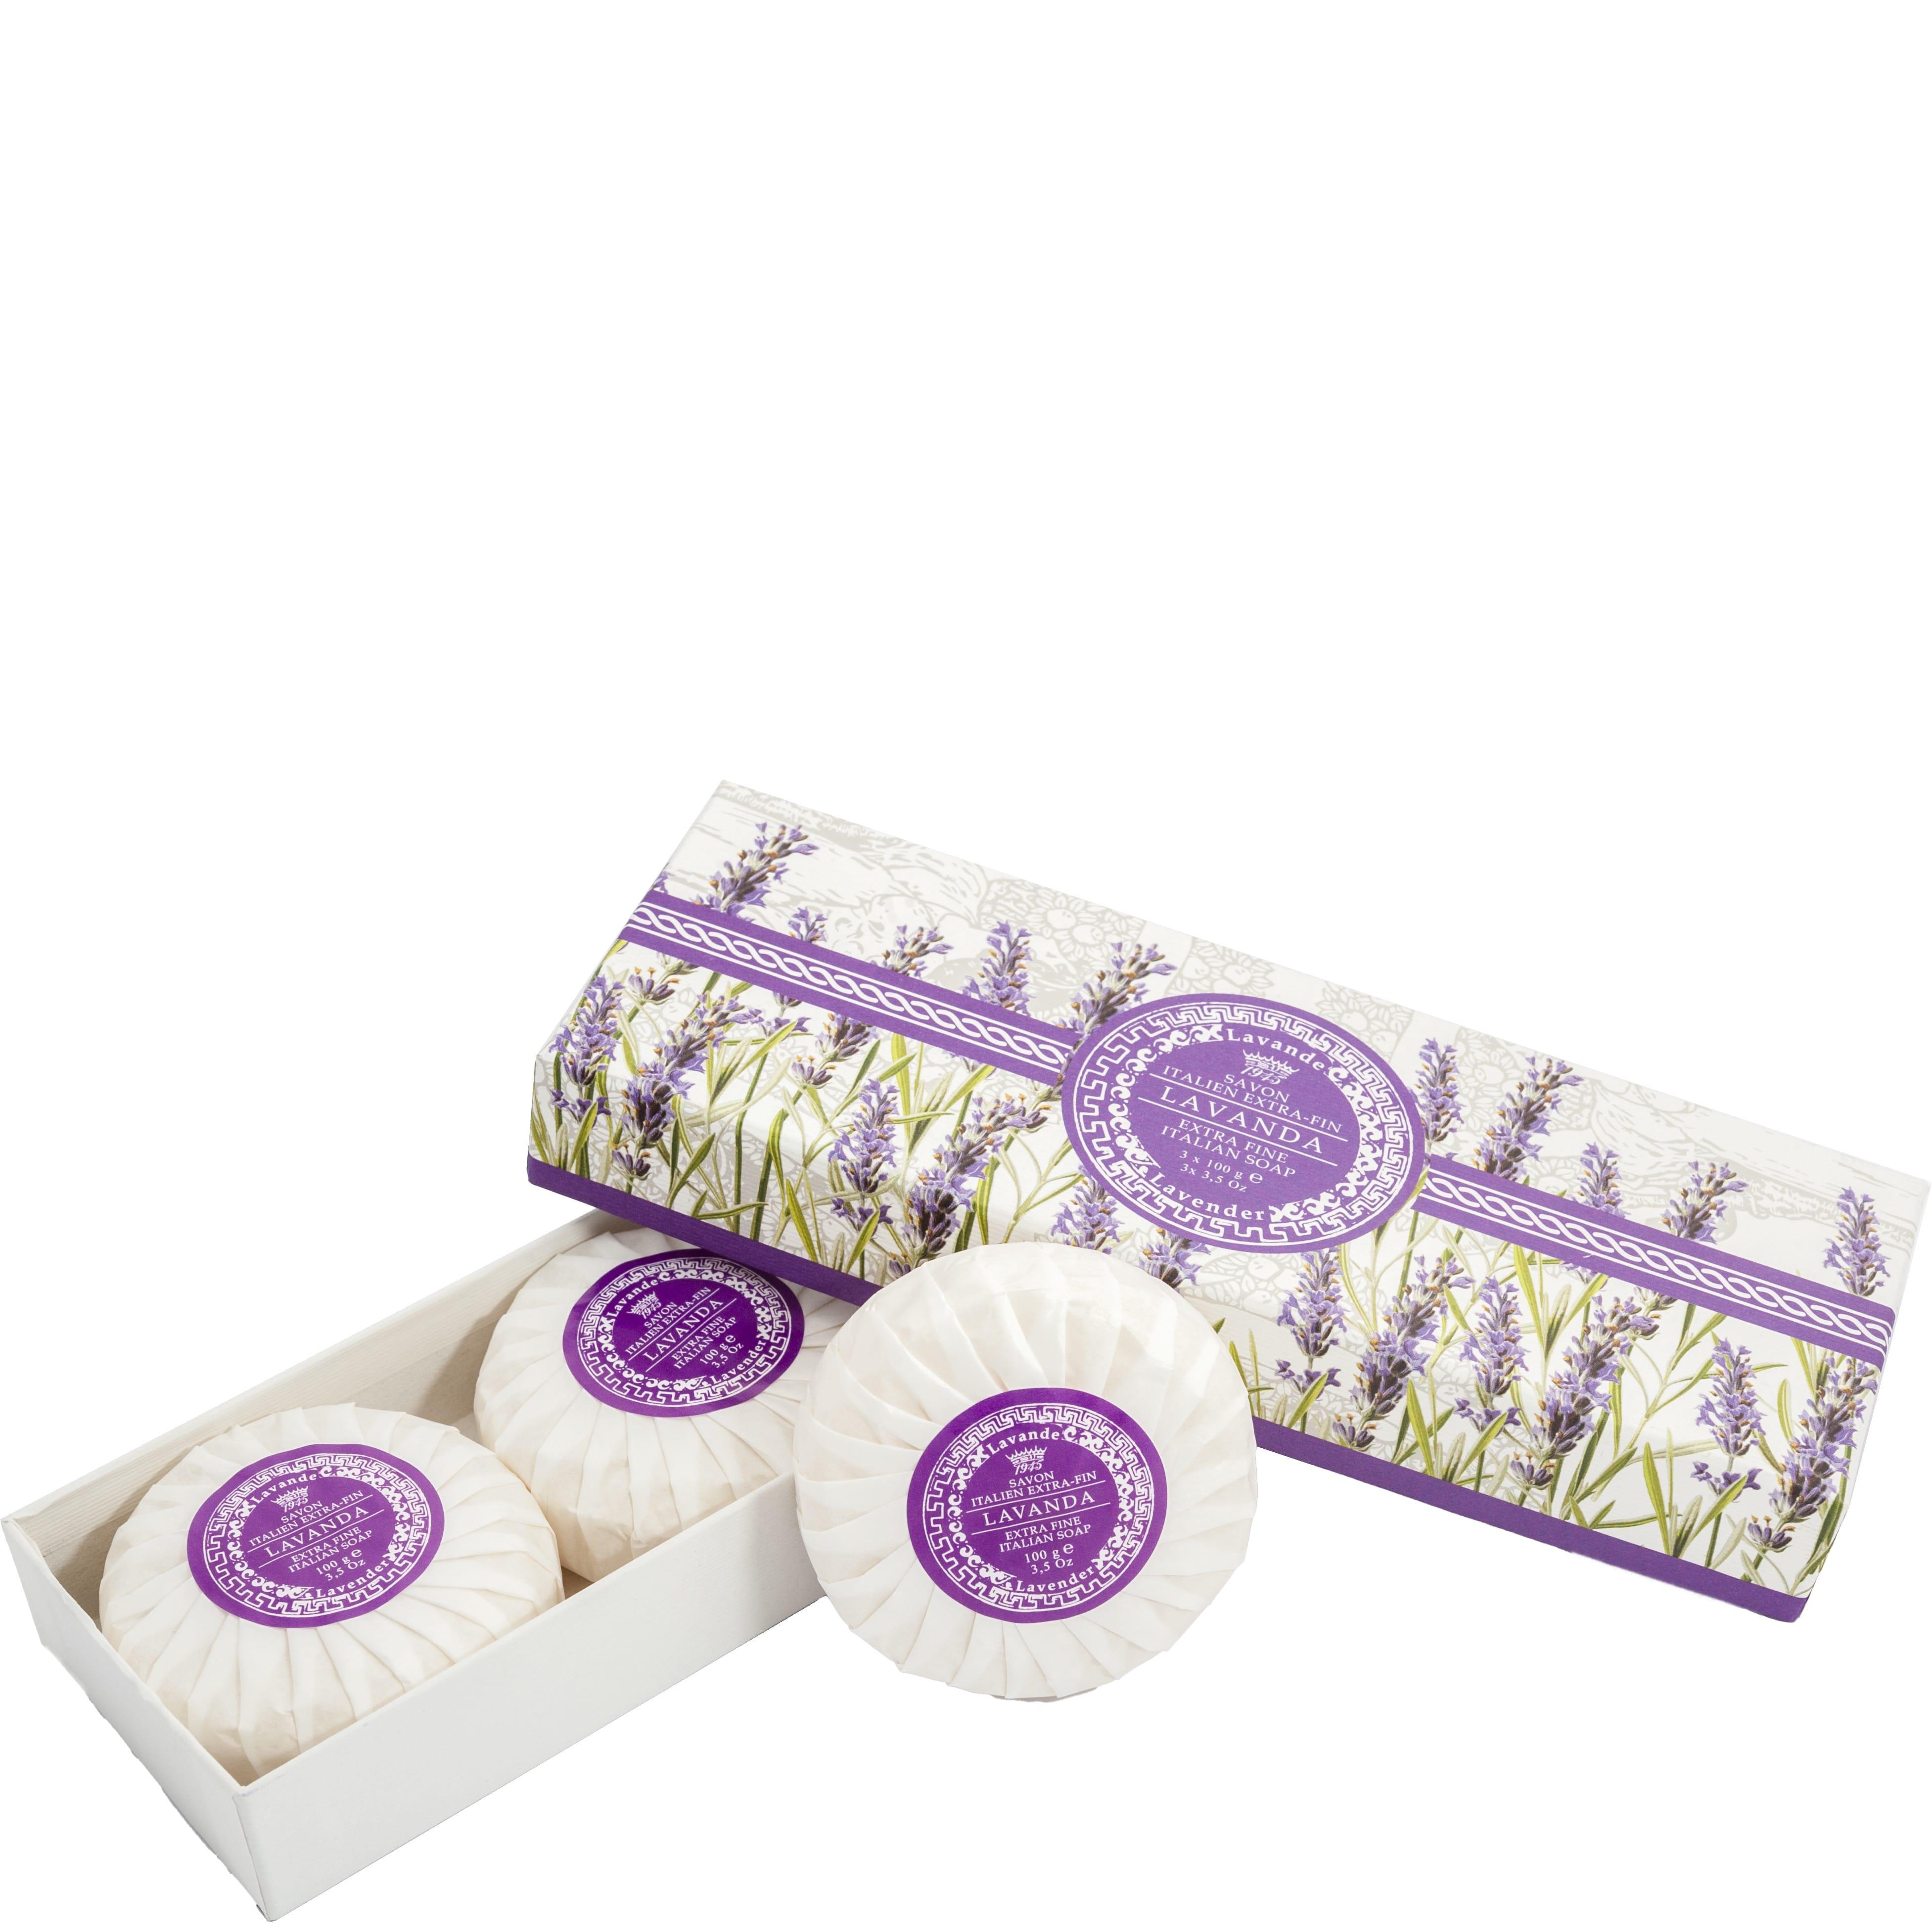 Gift Set Lavander Soap